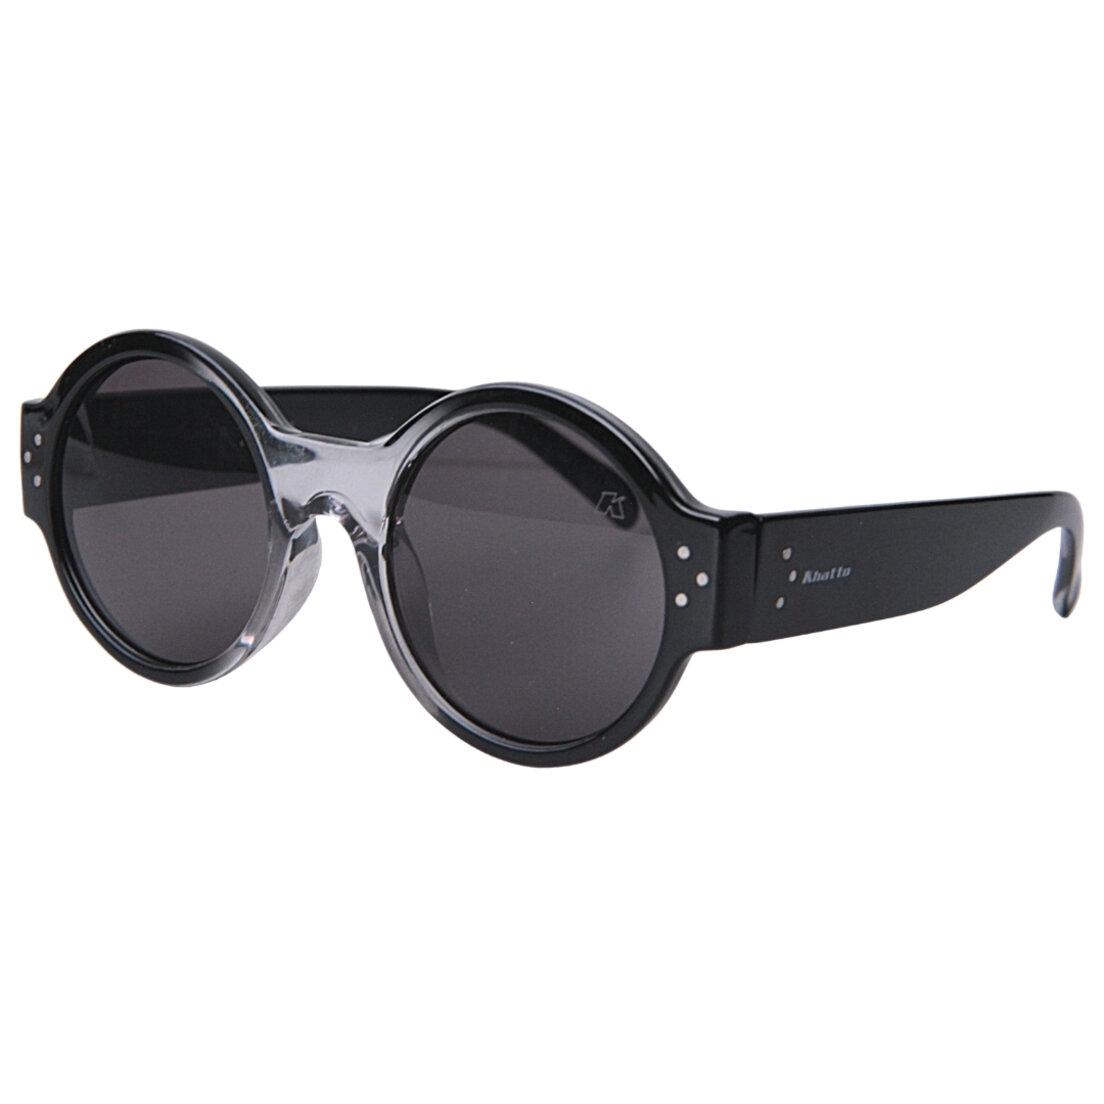 Óculos de Sol Khatto Round Ayla Italiano - C096